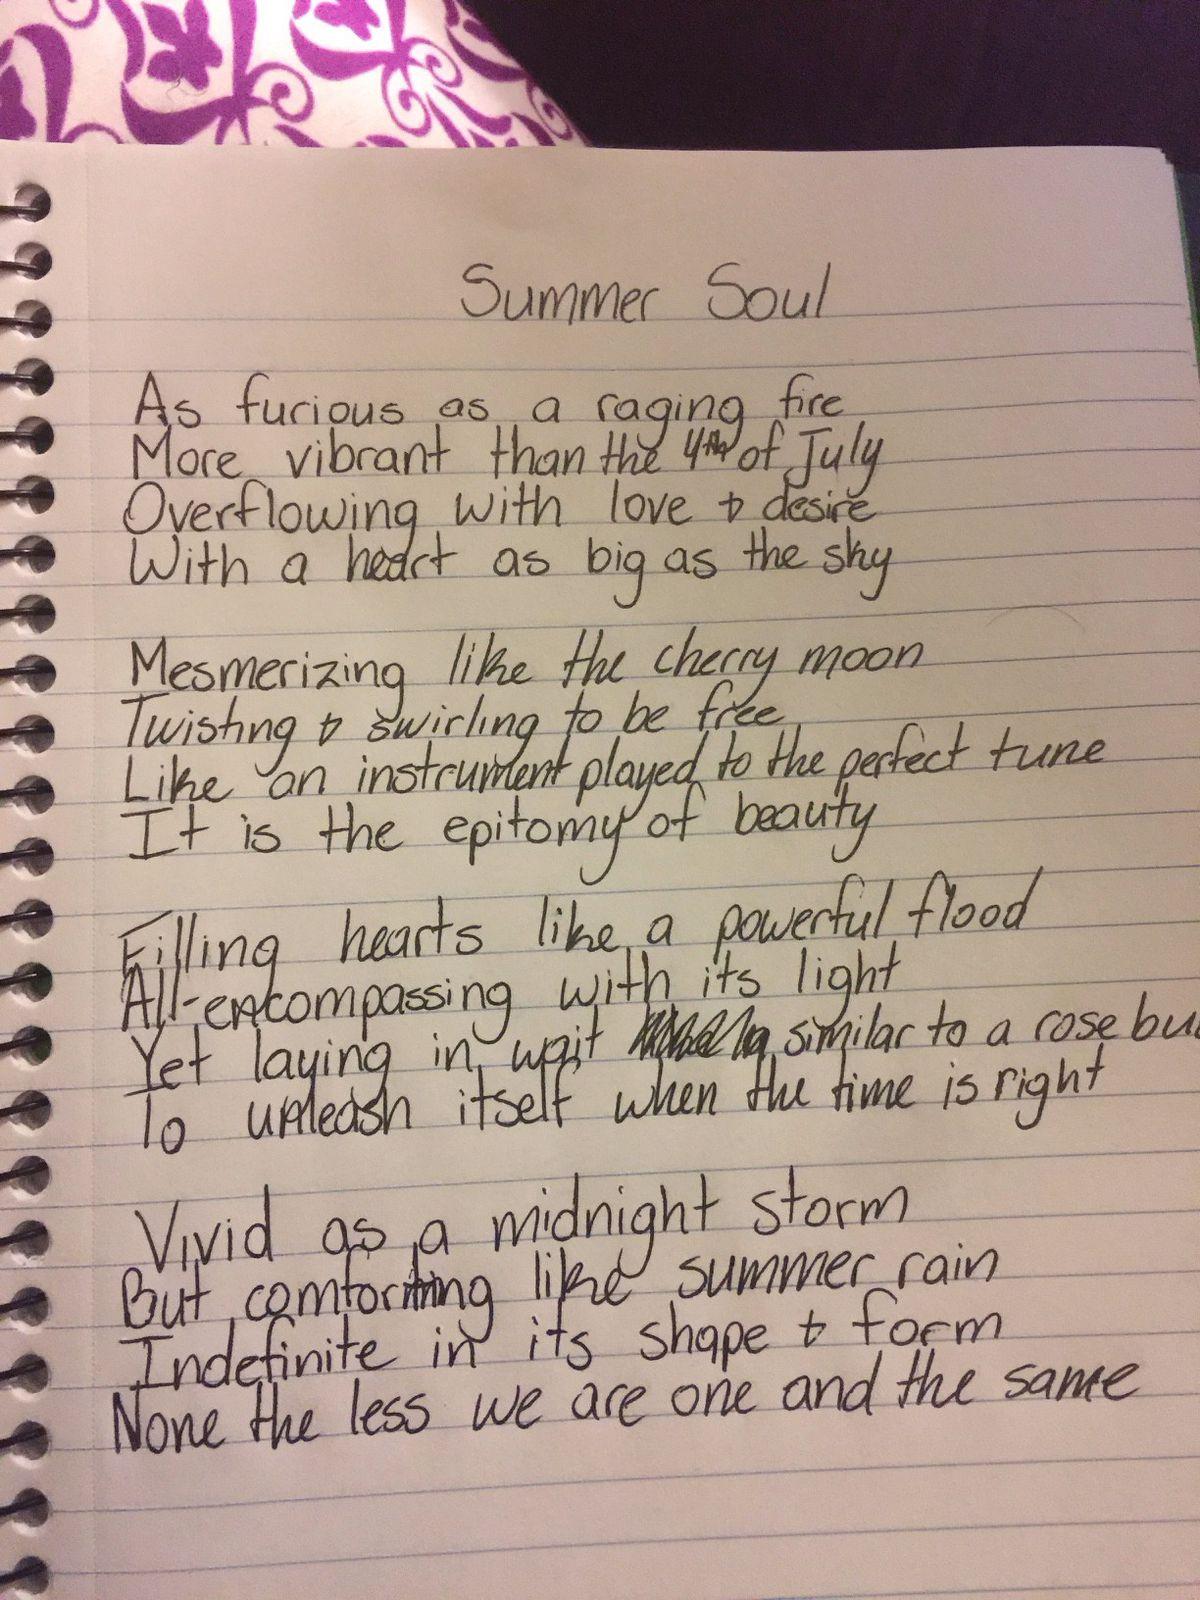 A recent poem by MylesGarrett